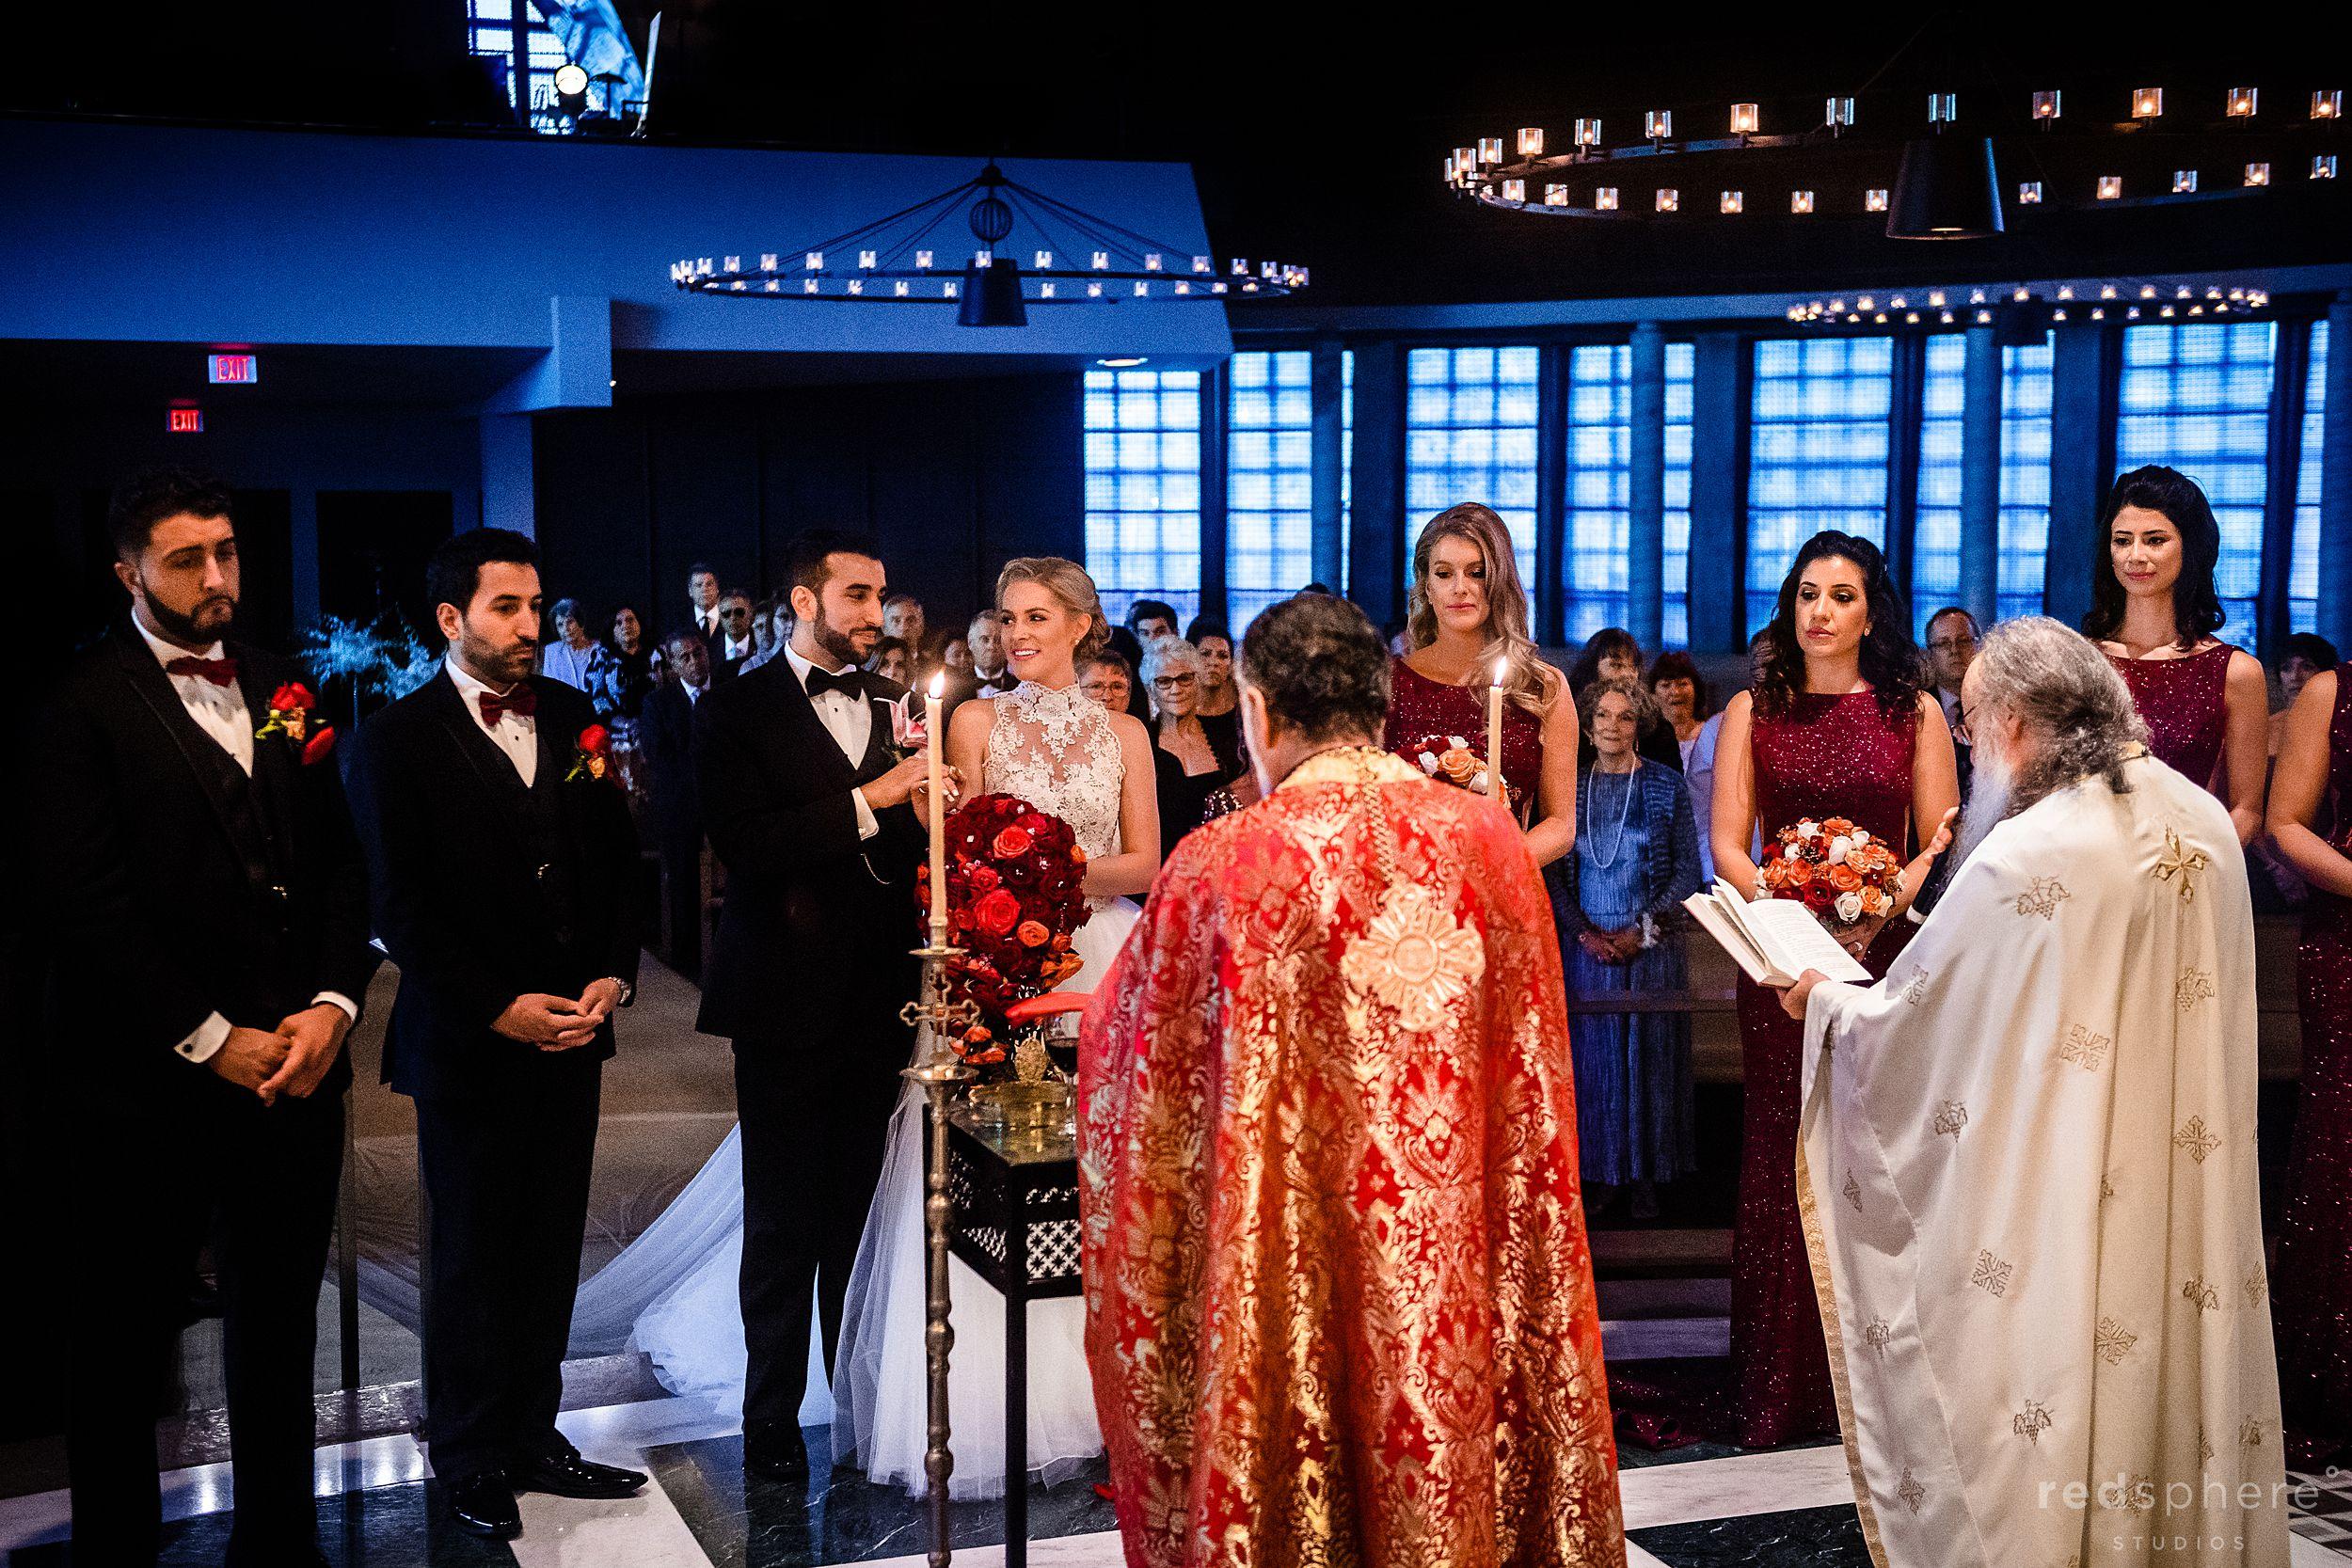 Ascension Greek Orthodox Church Oakland. Wedding photos